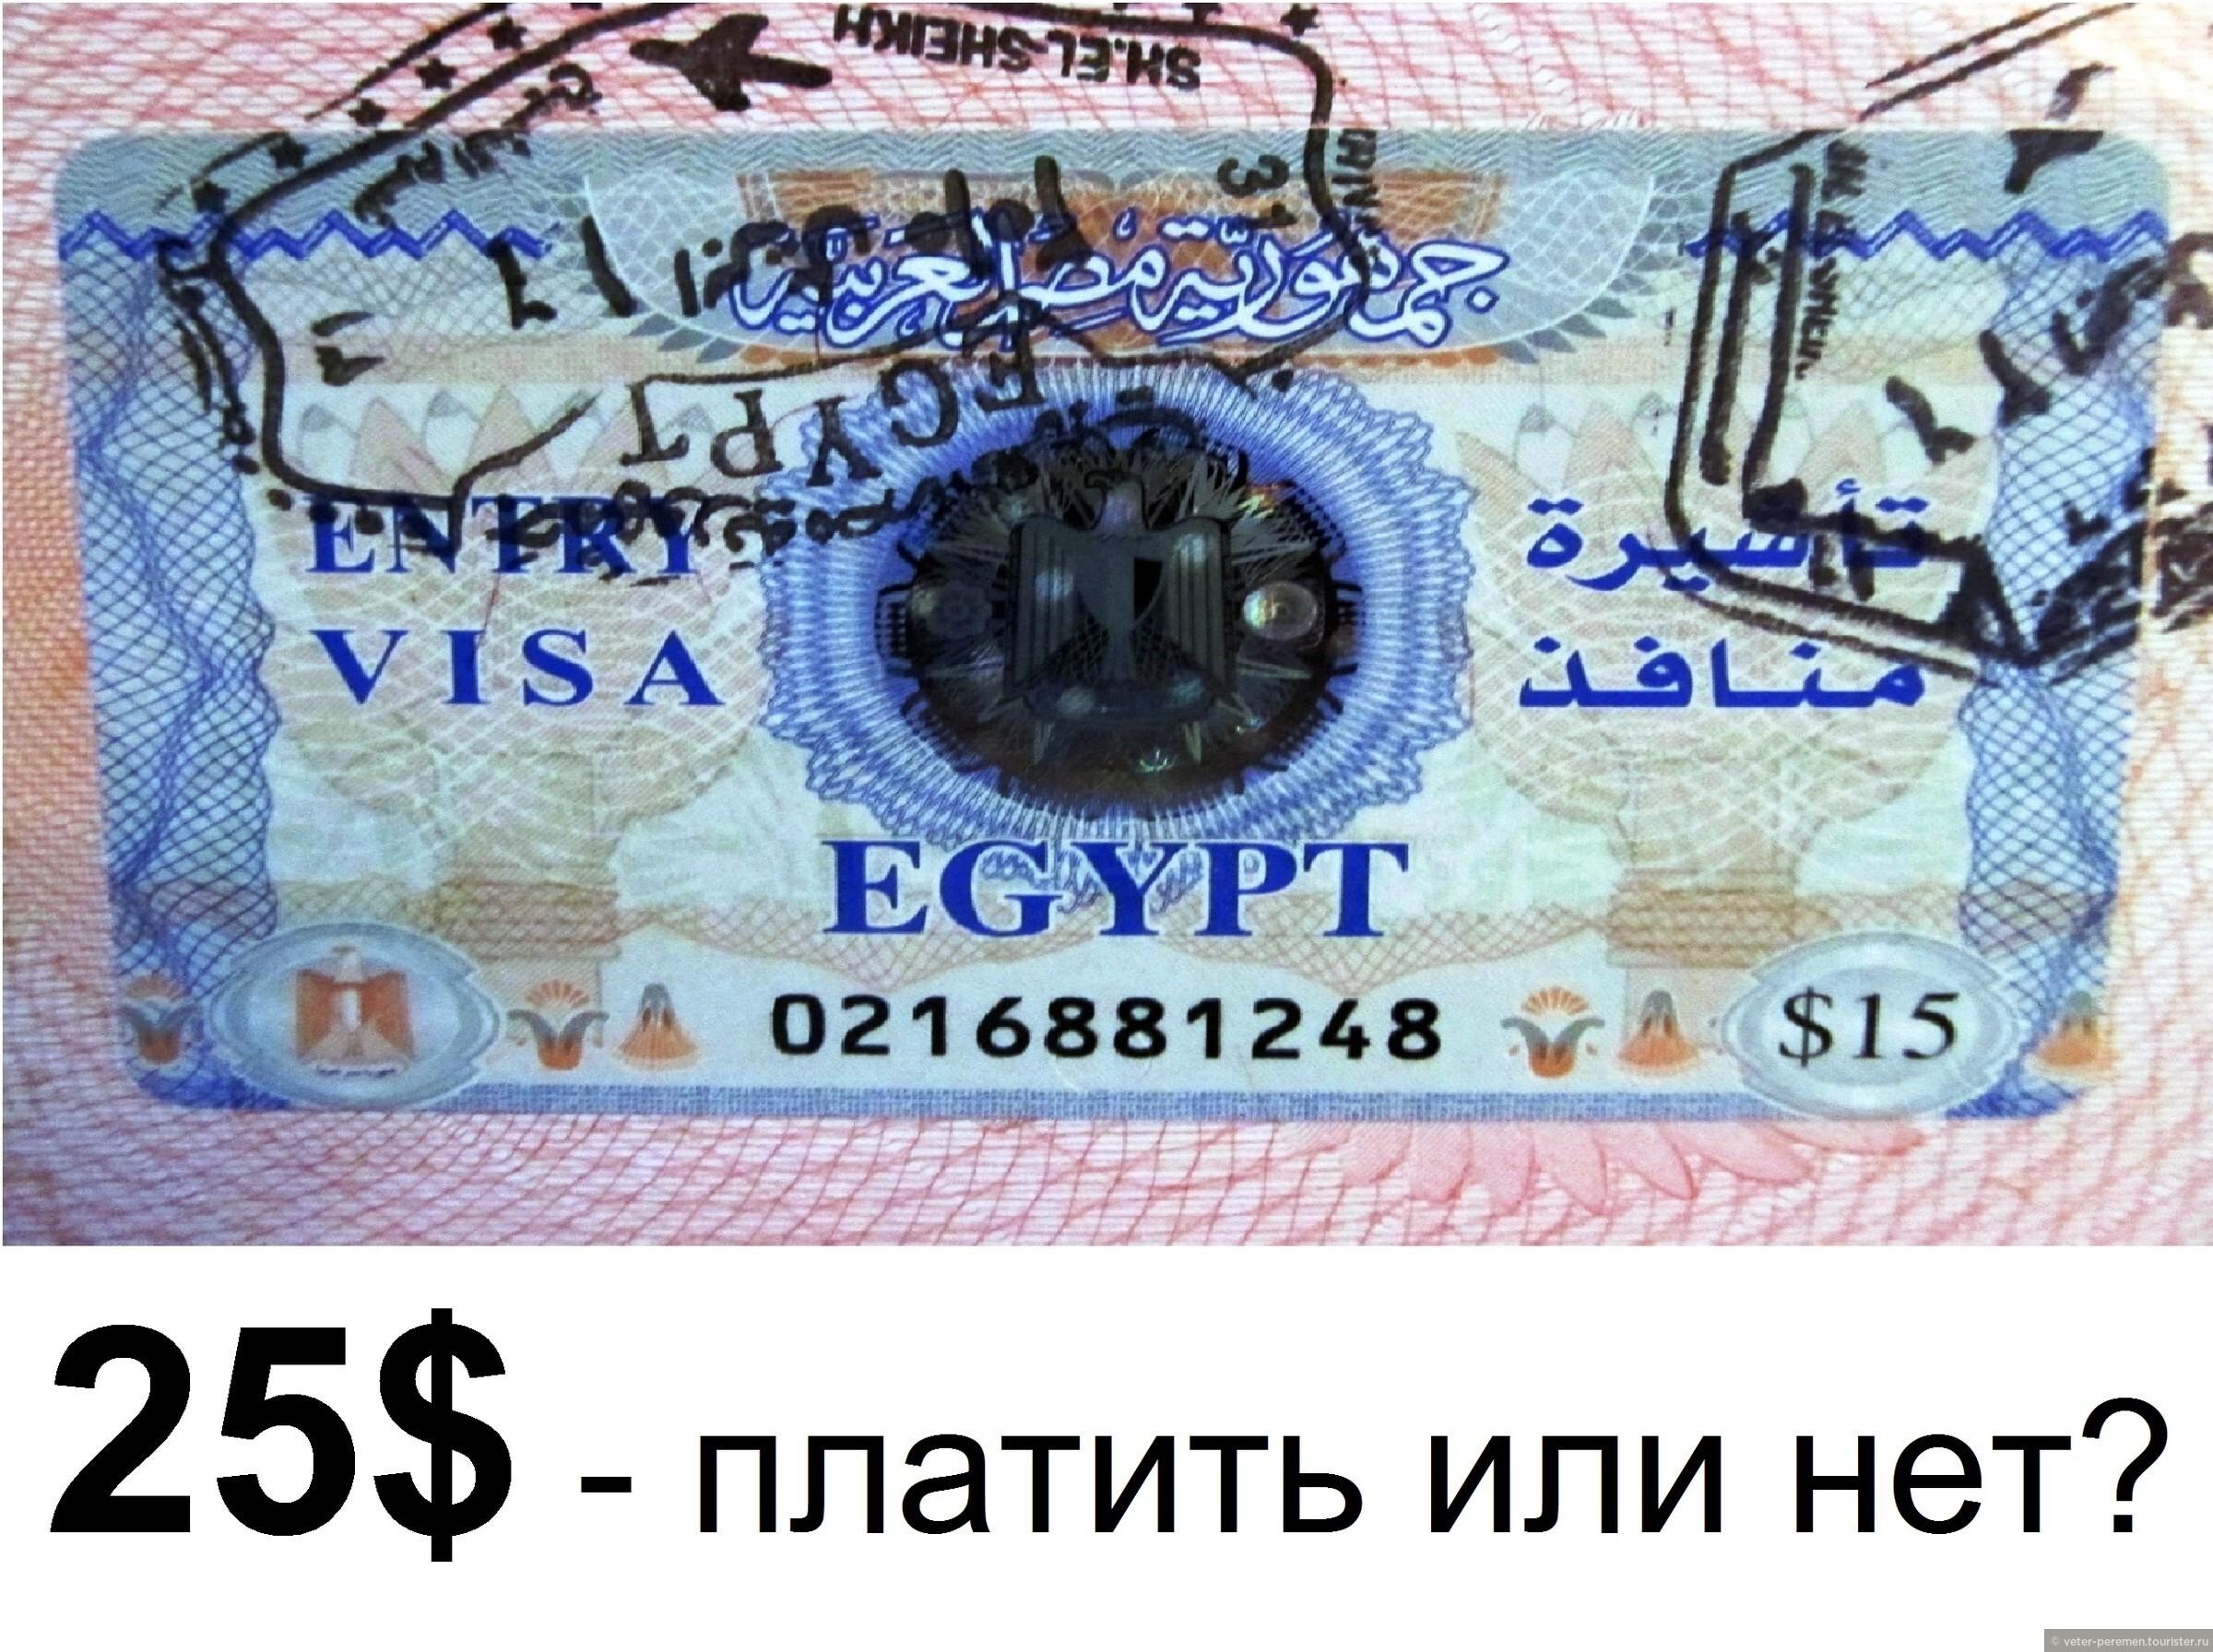 Виза в Египет: покупать или нет? (Нужна ли виза в Египет в 2020 году?)